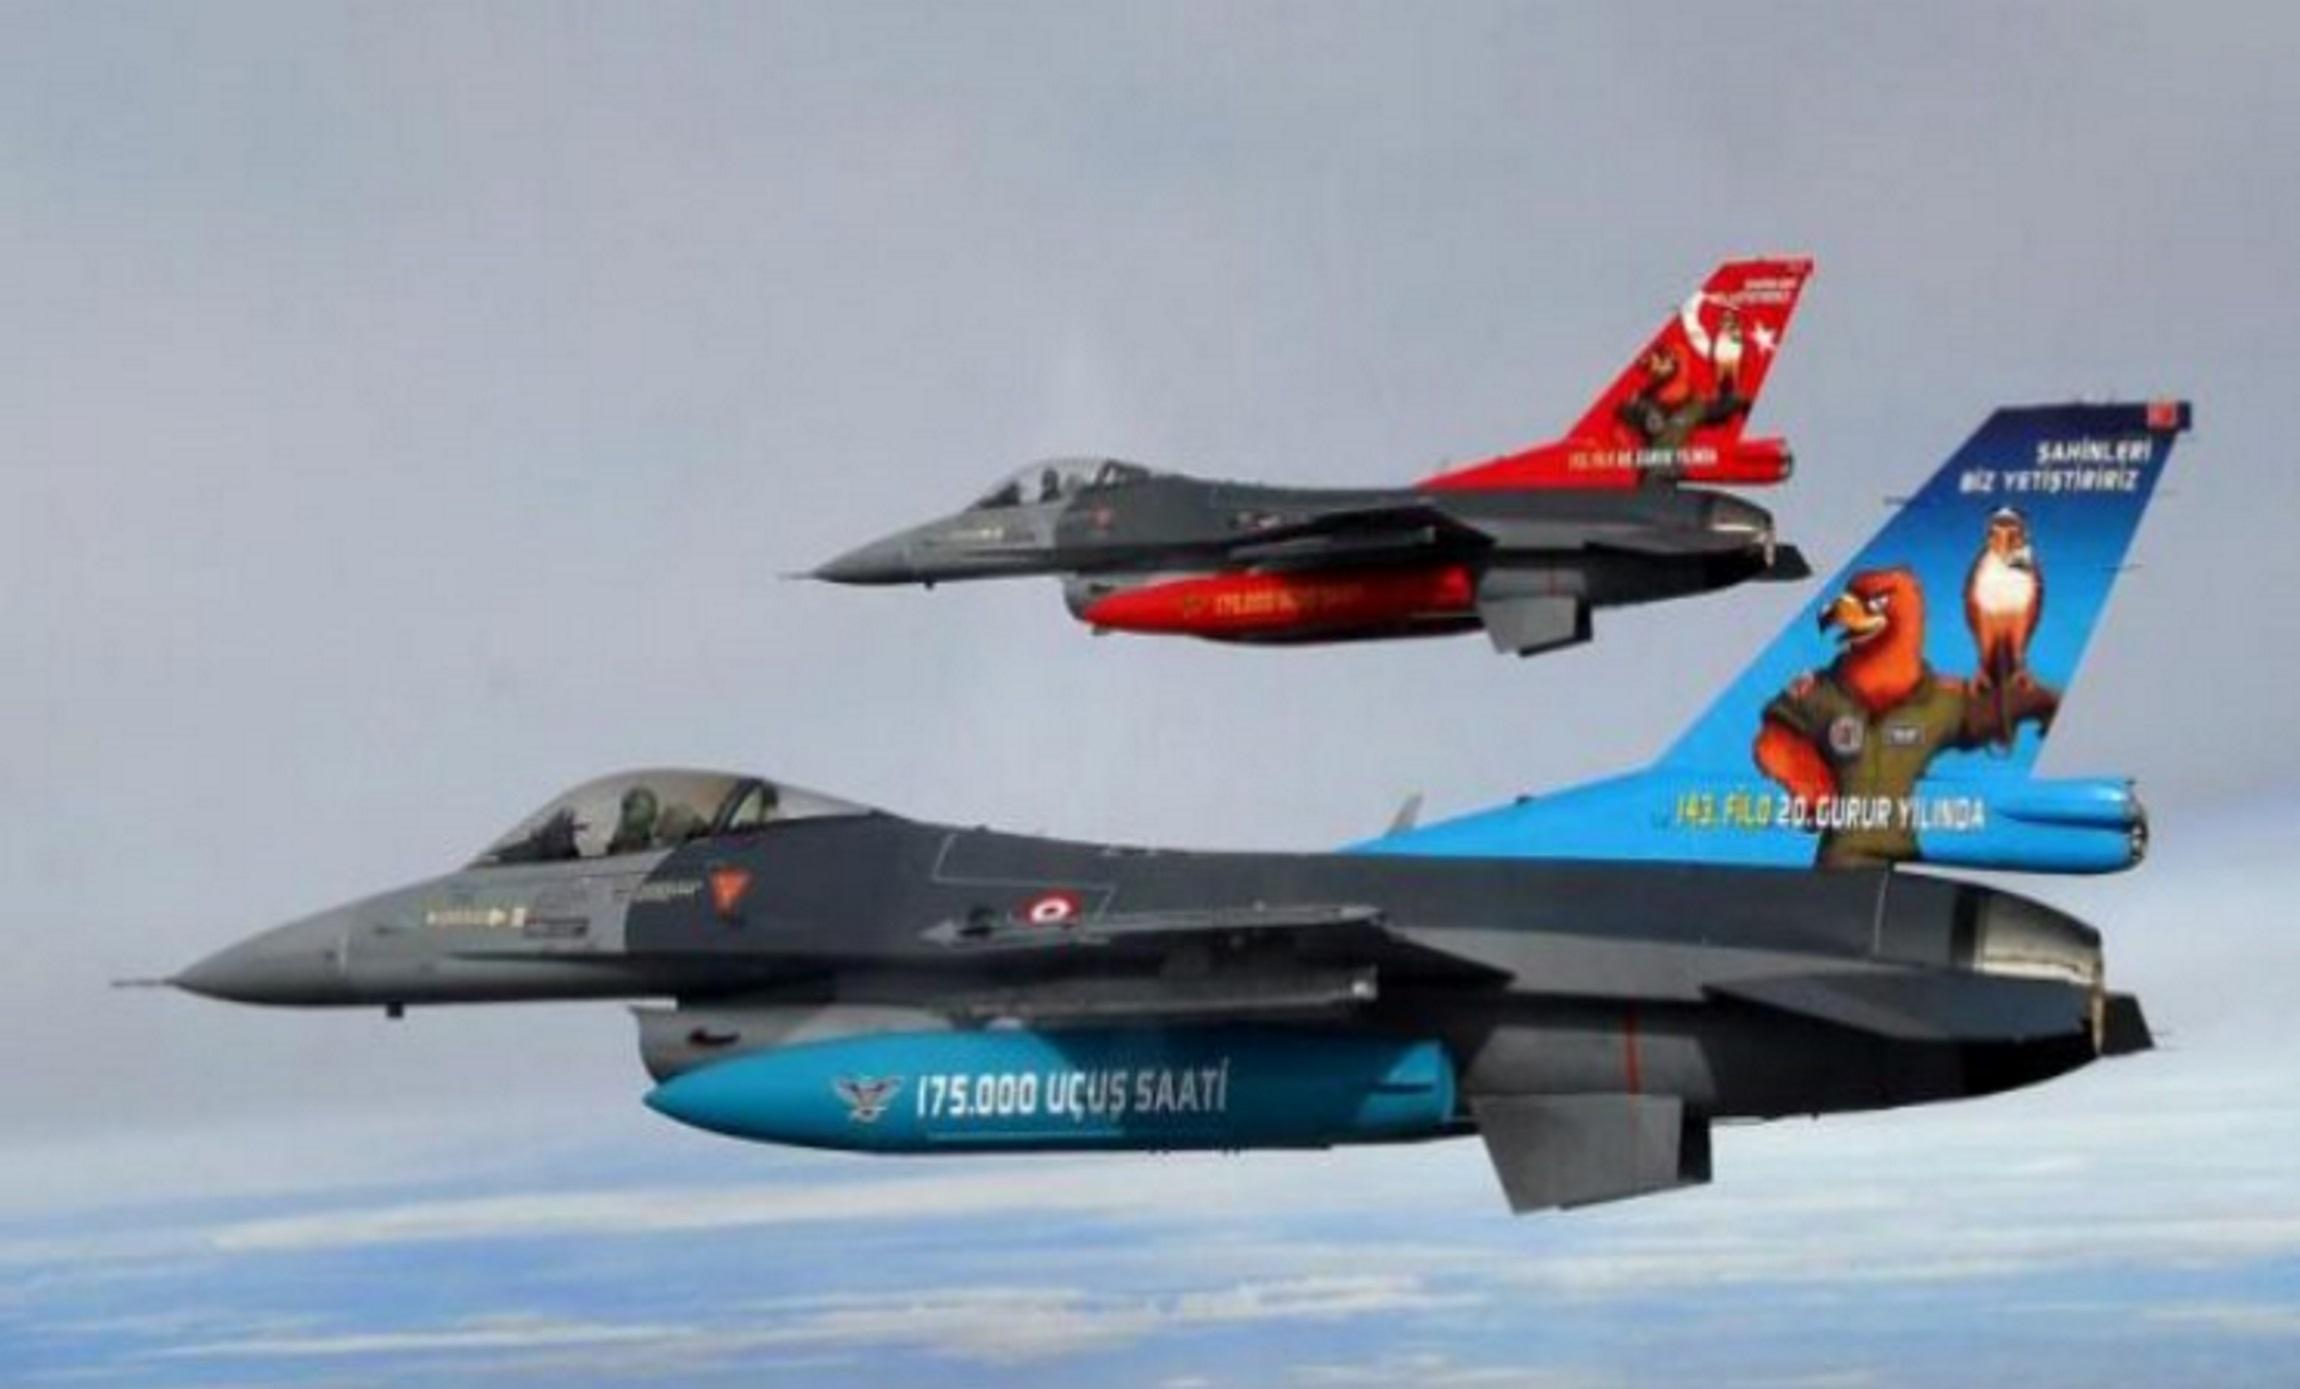 Κλιμακώνουν τις εντάσεις οι Τούρκοι με υπερπτήσεις μαχητικών F-16 στο Αιγαίο!